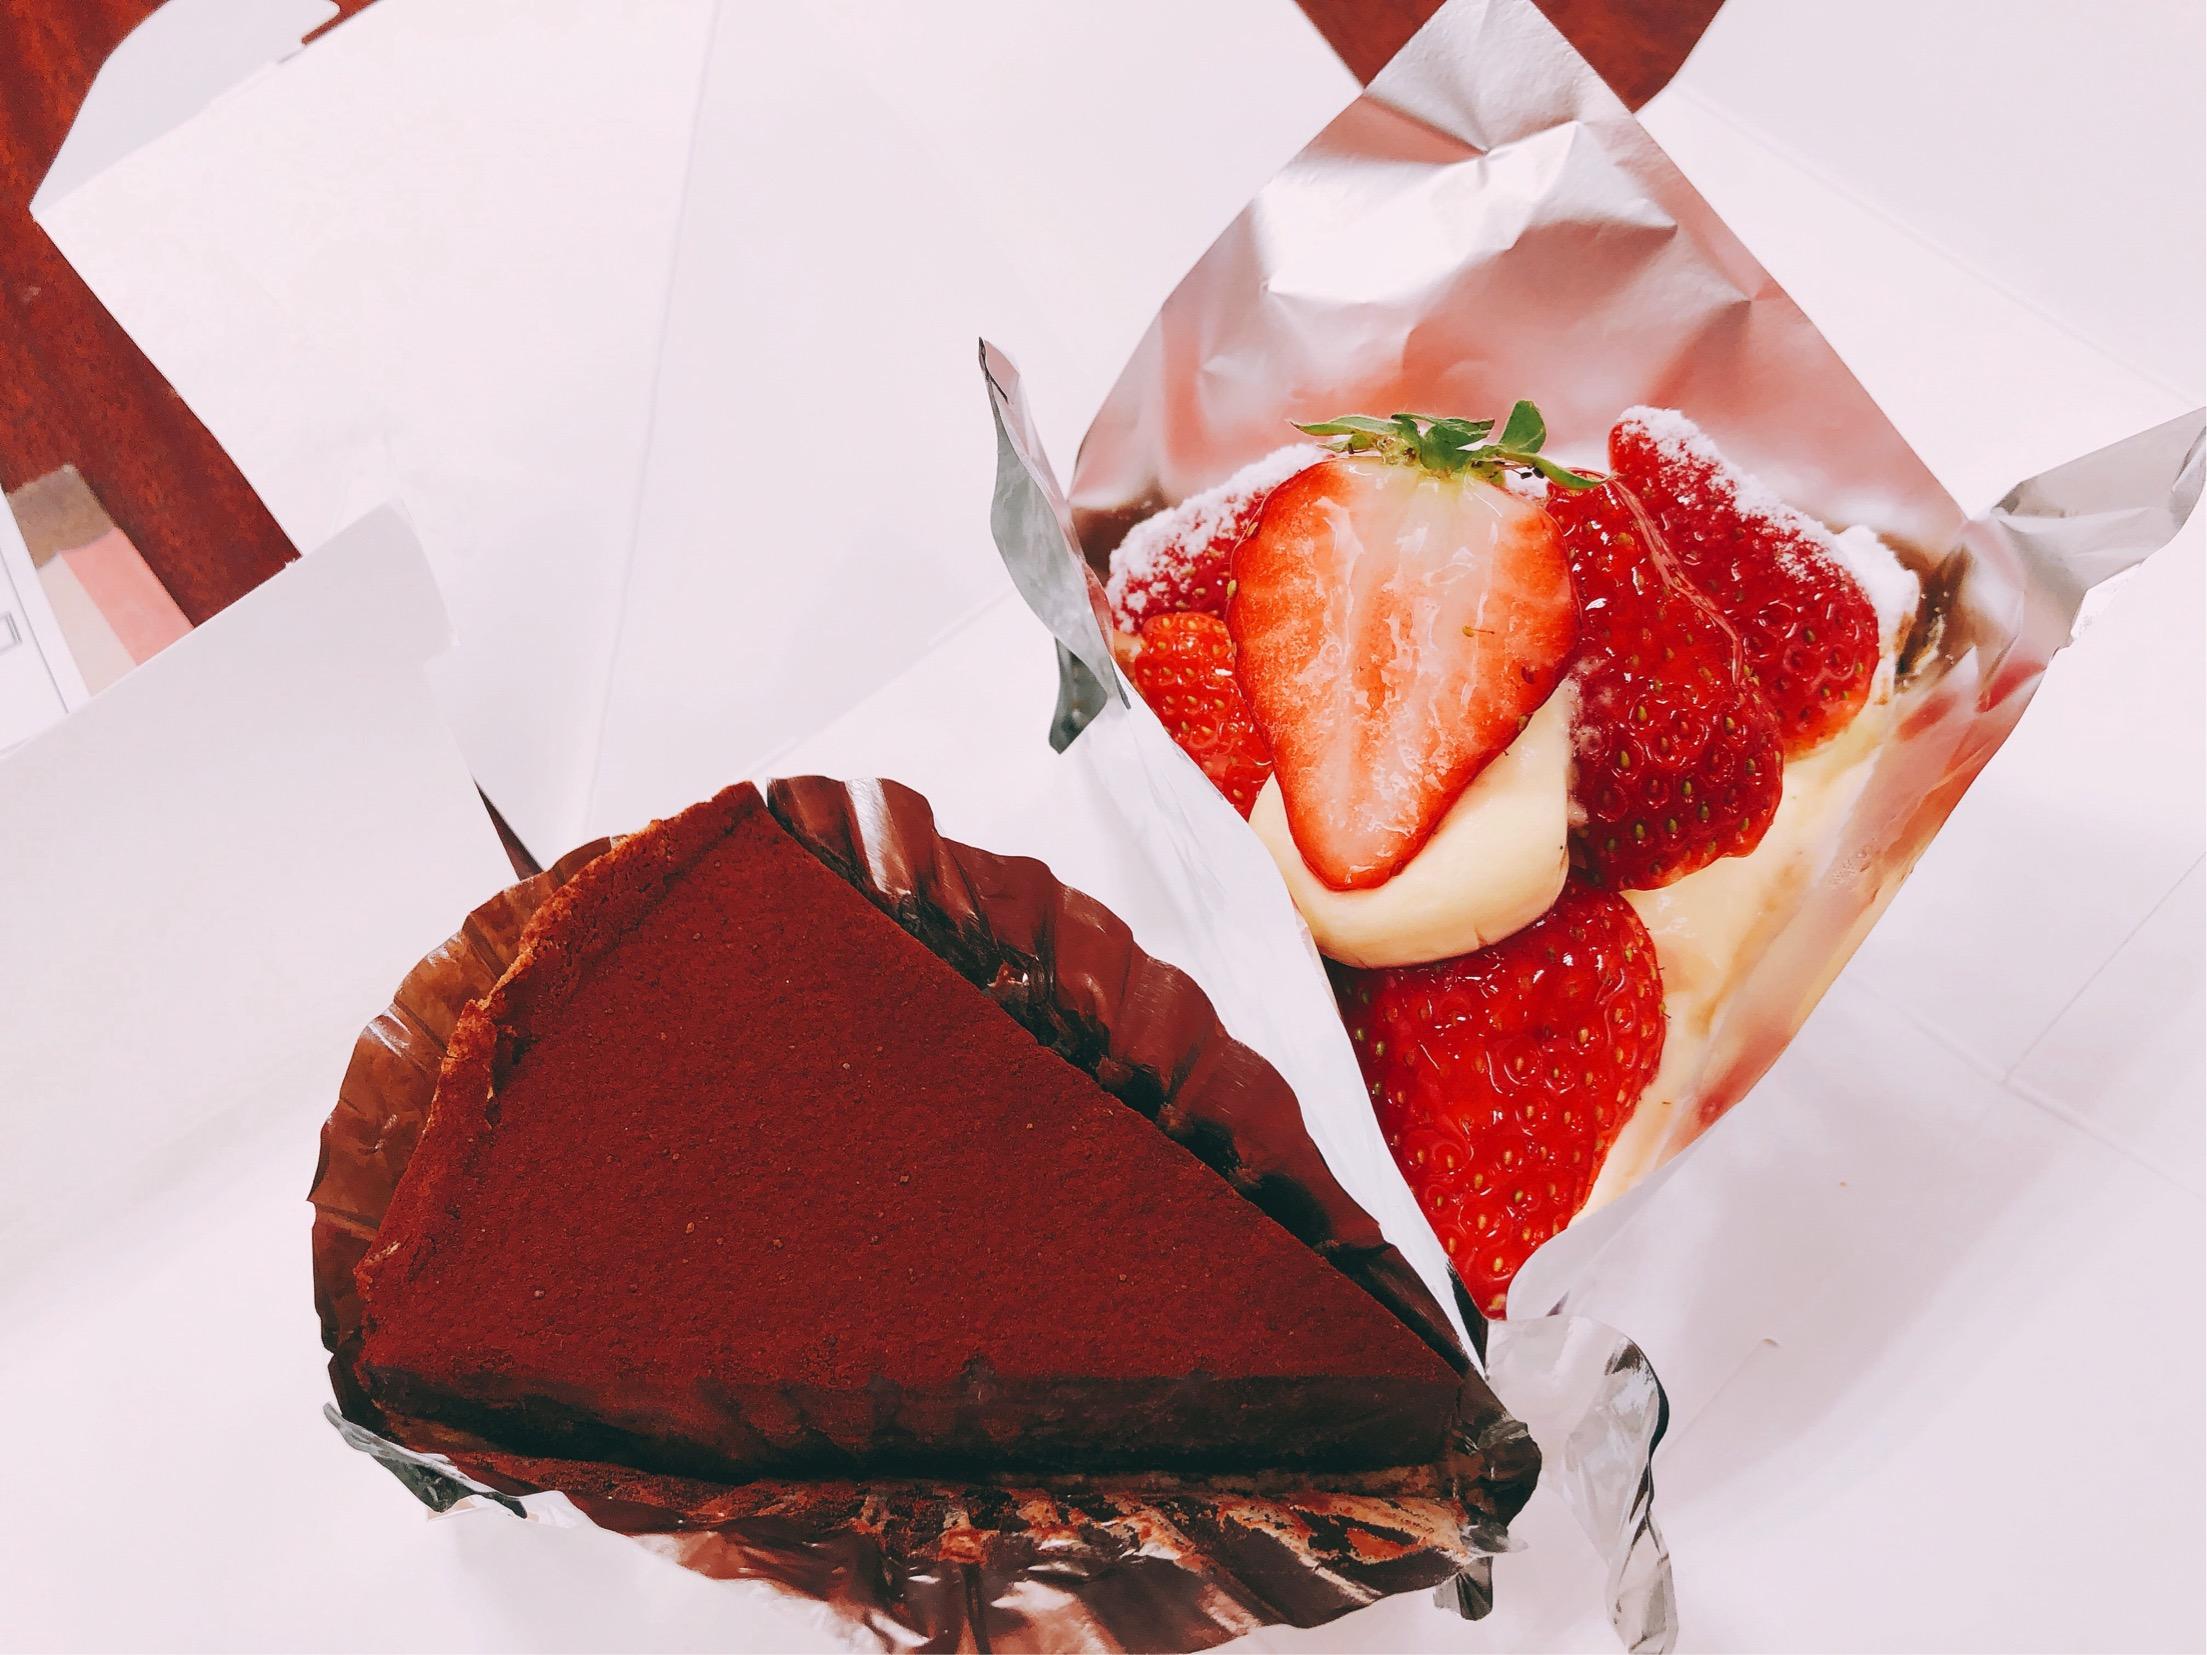 葉山で人気のケーキ屋さん、タルト専門店Maron(マロン)で買った、大人の生チョコタルトといちごたっぷりタルト。